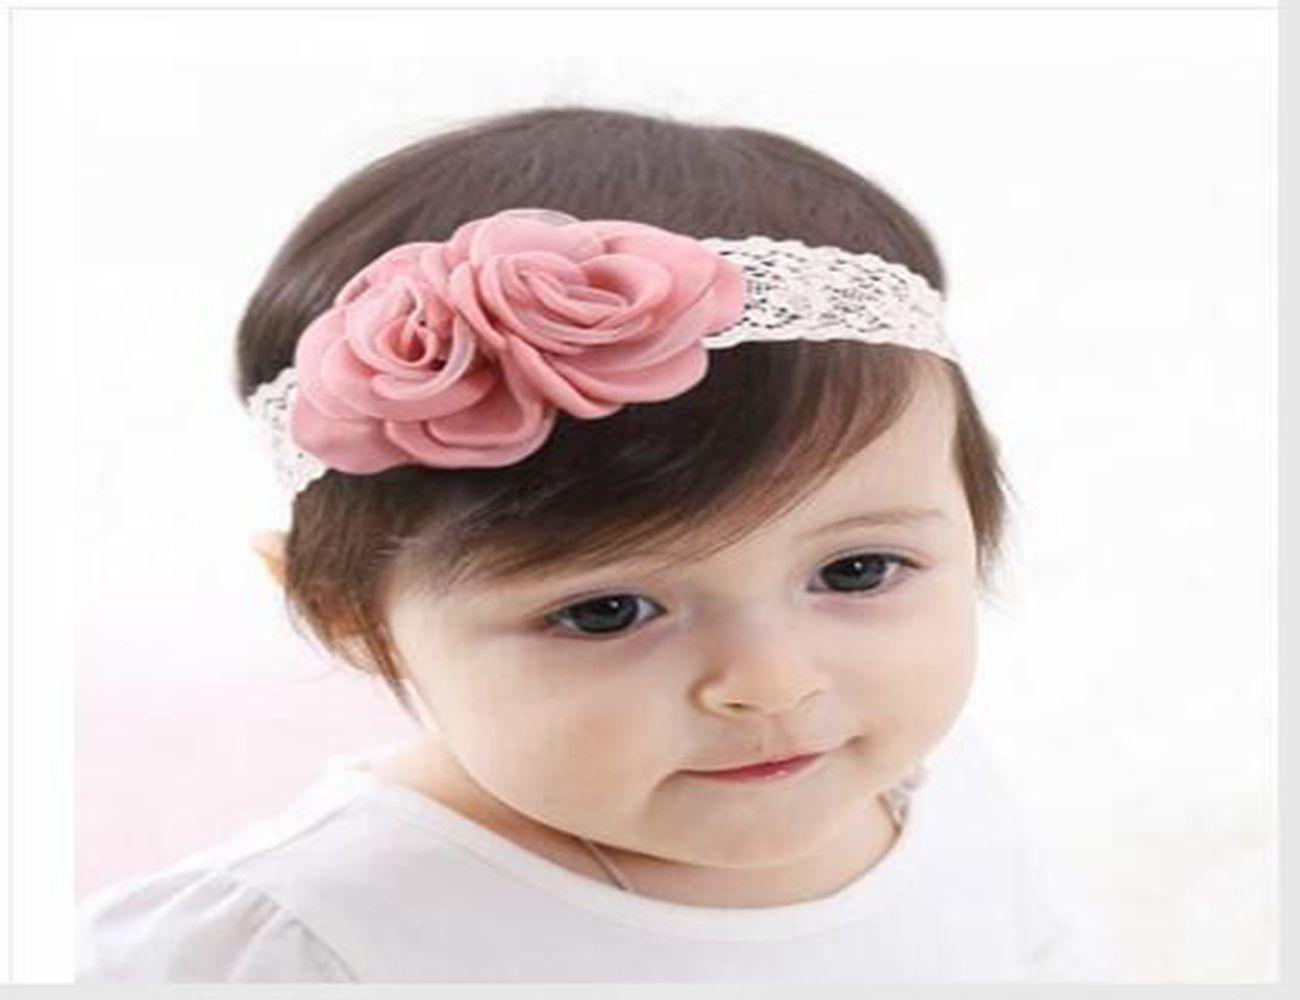 terbaru eropa anak elastis rambut bando dibakar bunga lace gadis populer lucu headband china